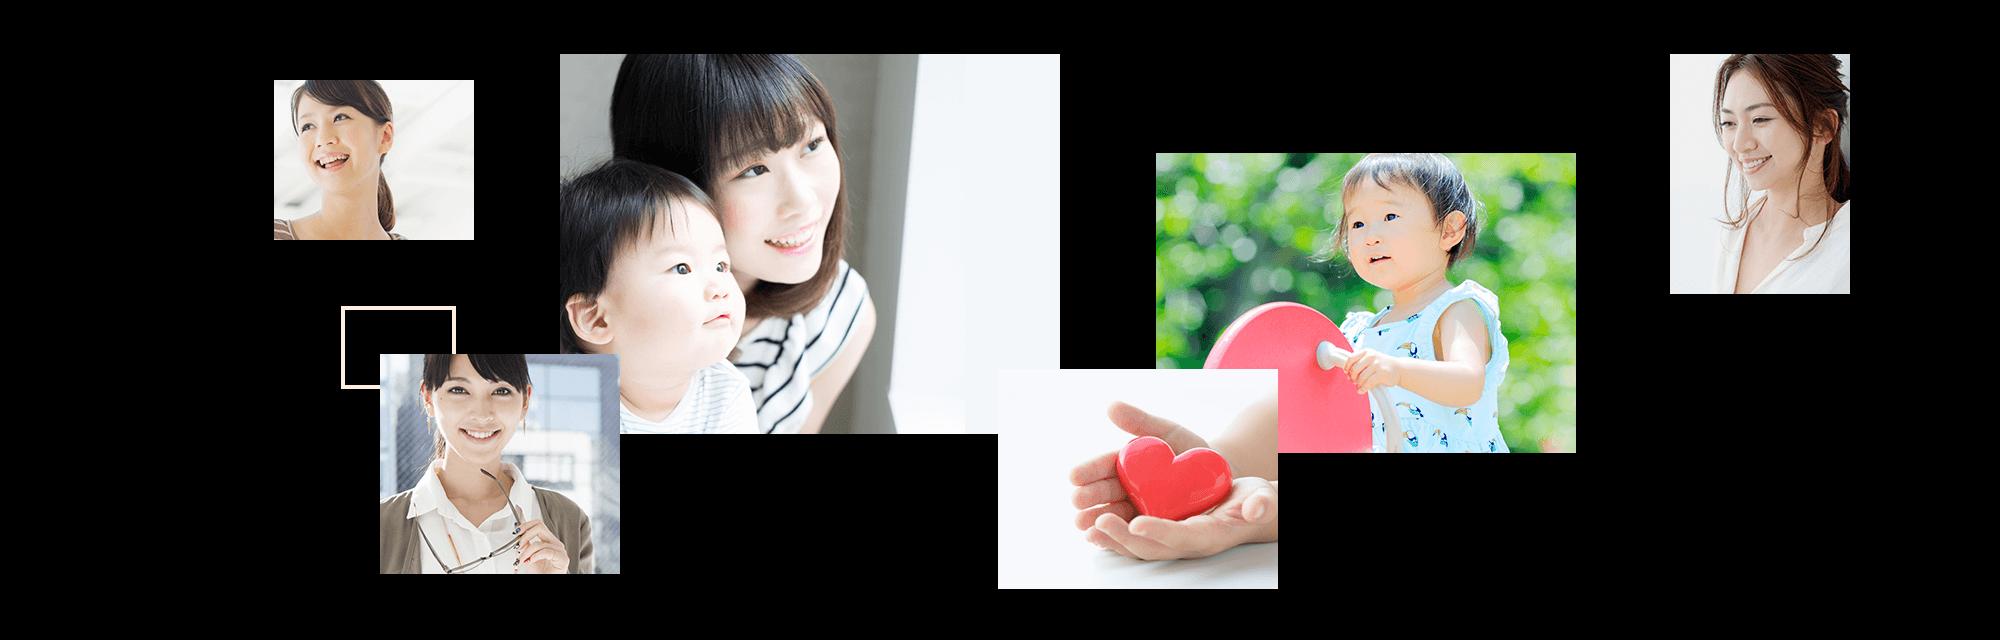 産婦 科 永井 人